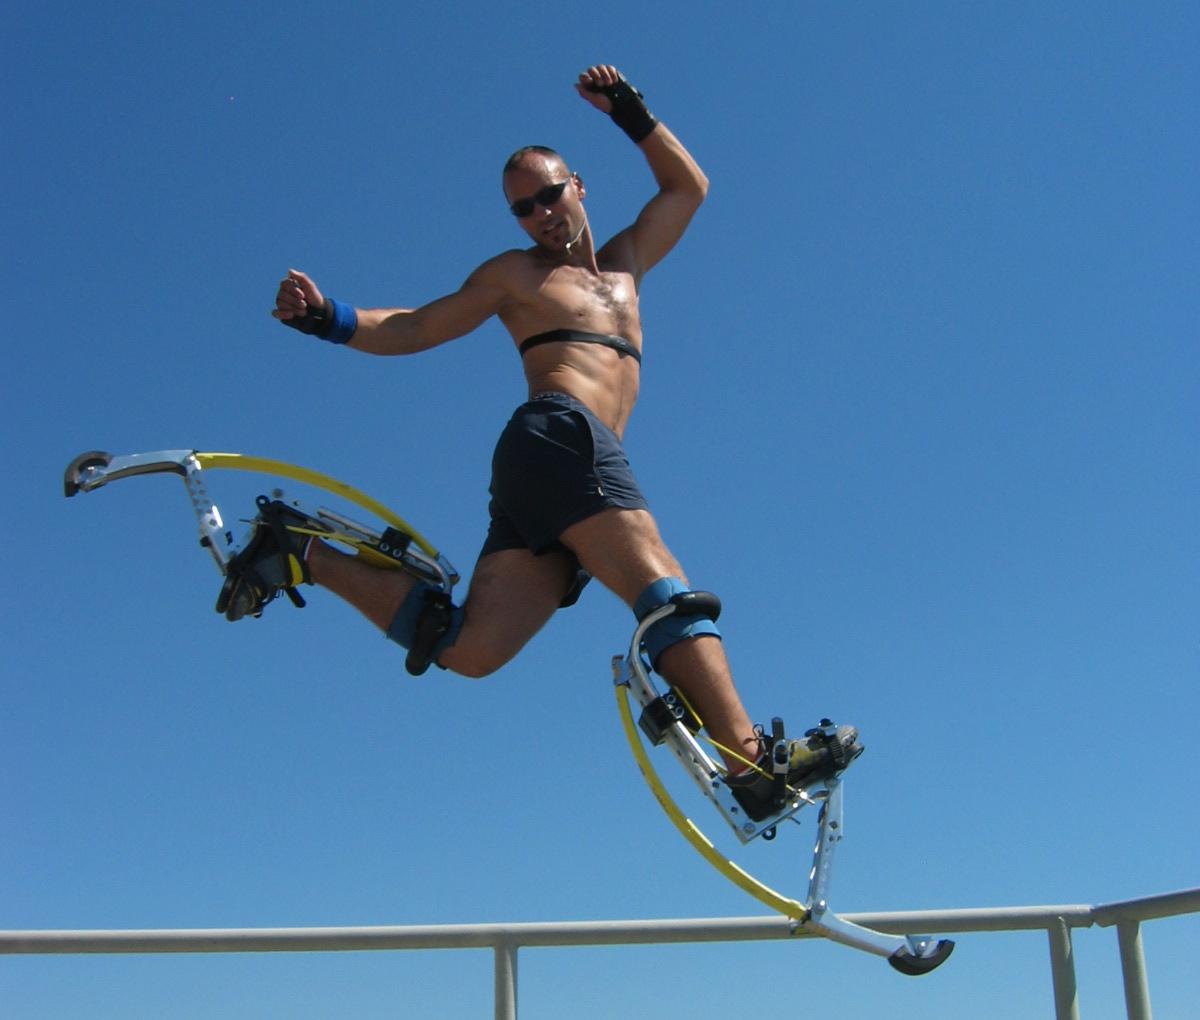 Wspaniały Szczudła do skakania - Jumping stilts to naprawdę wymagająca zabawa. OF57